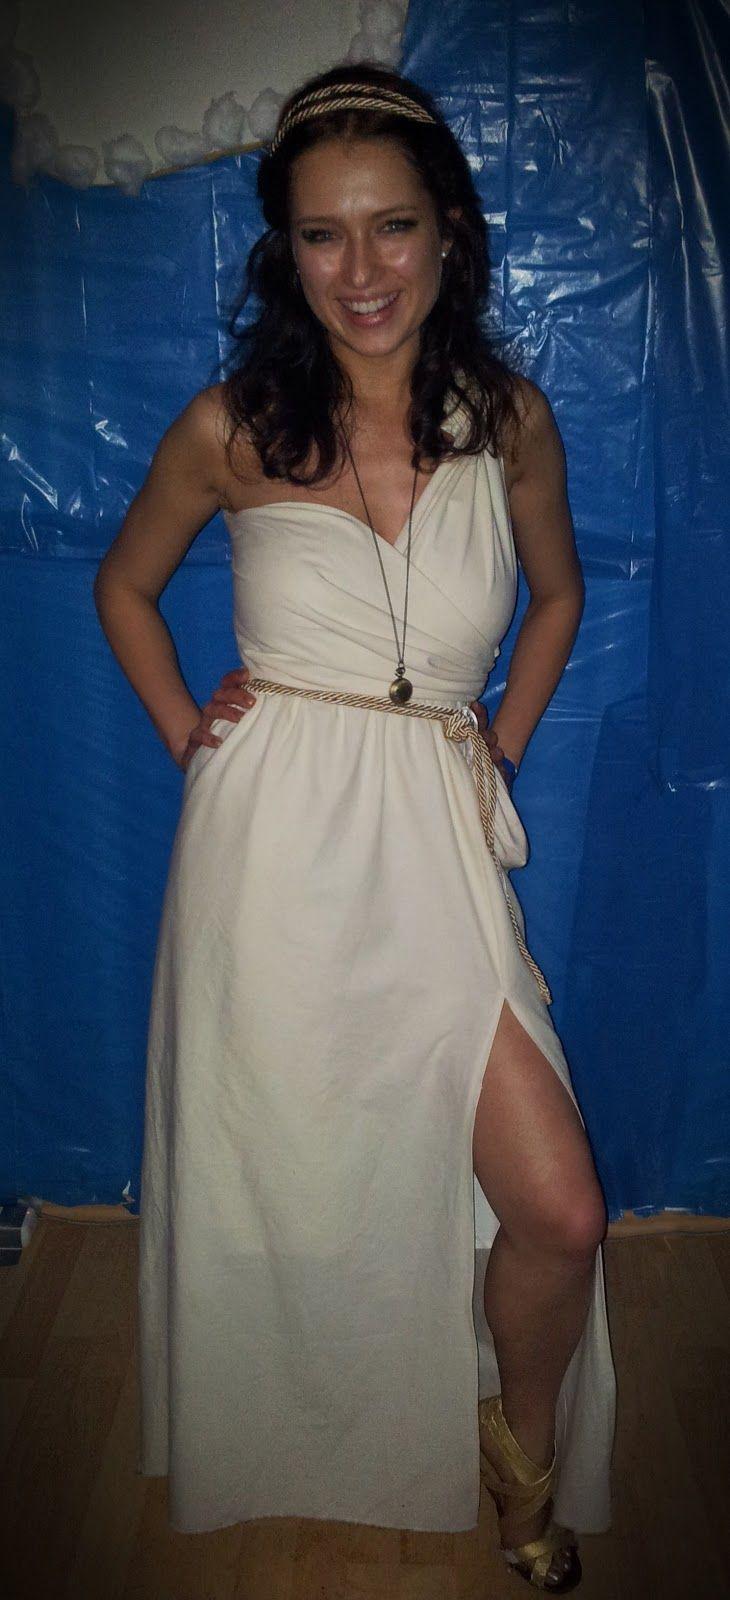 Anleitung, um ein Kostüm für eine griechische Göttin einfach, schnell und günstig selbst zu nähen.